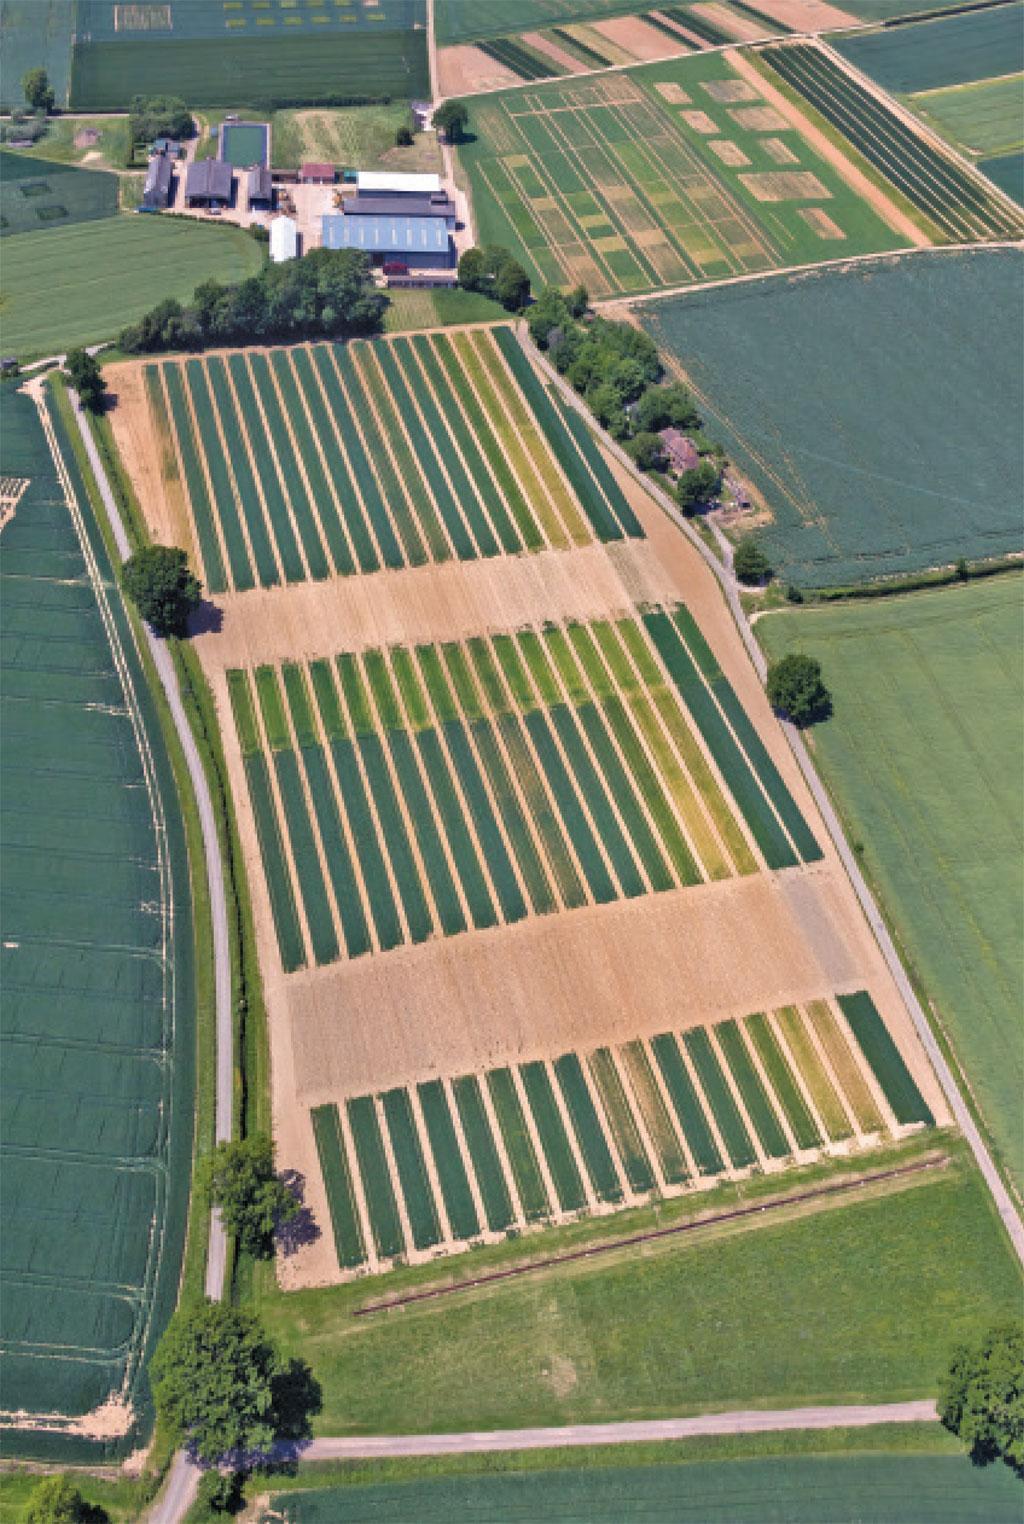 दक्षिणी इंग्लैंड के हर्टफोर्ड शायर काउंटी में चल रहे खेती के सबसे प्राचीन प्रयोग में जैवि क खादों और रासायनि क उर्वरकों का उपज पर पड़ने वाले प्रभावों का अध्ययन कि या जाता है